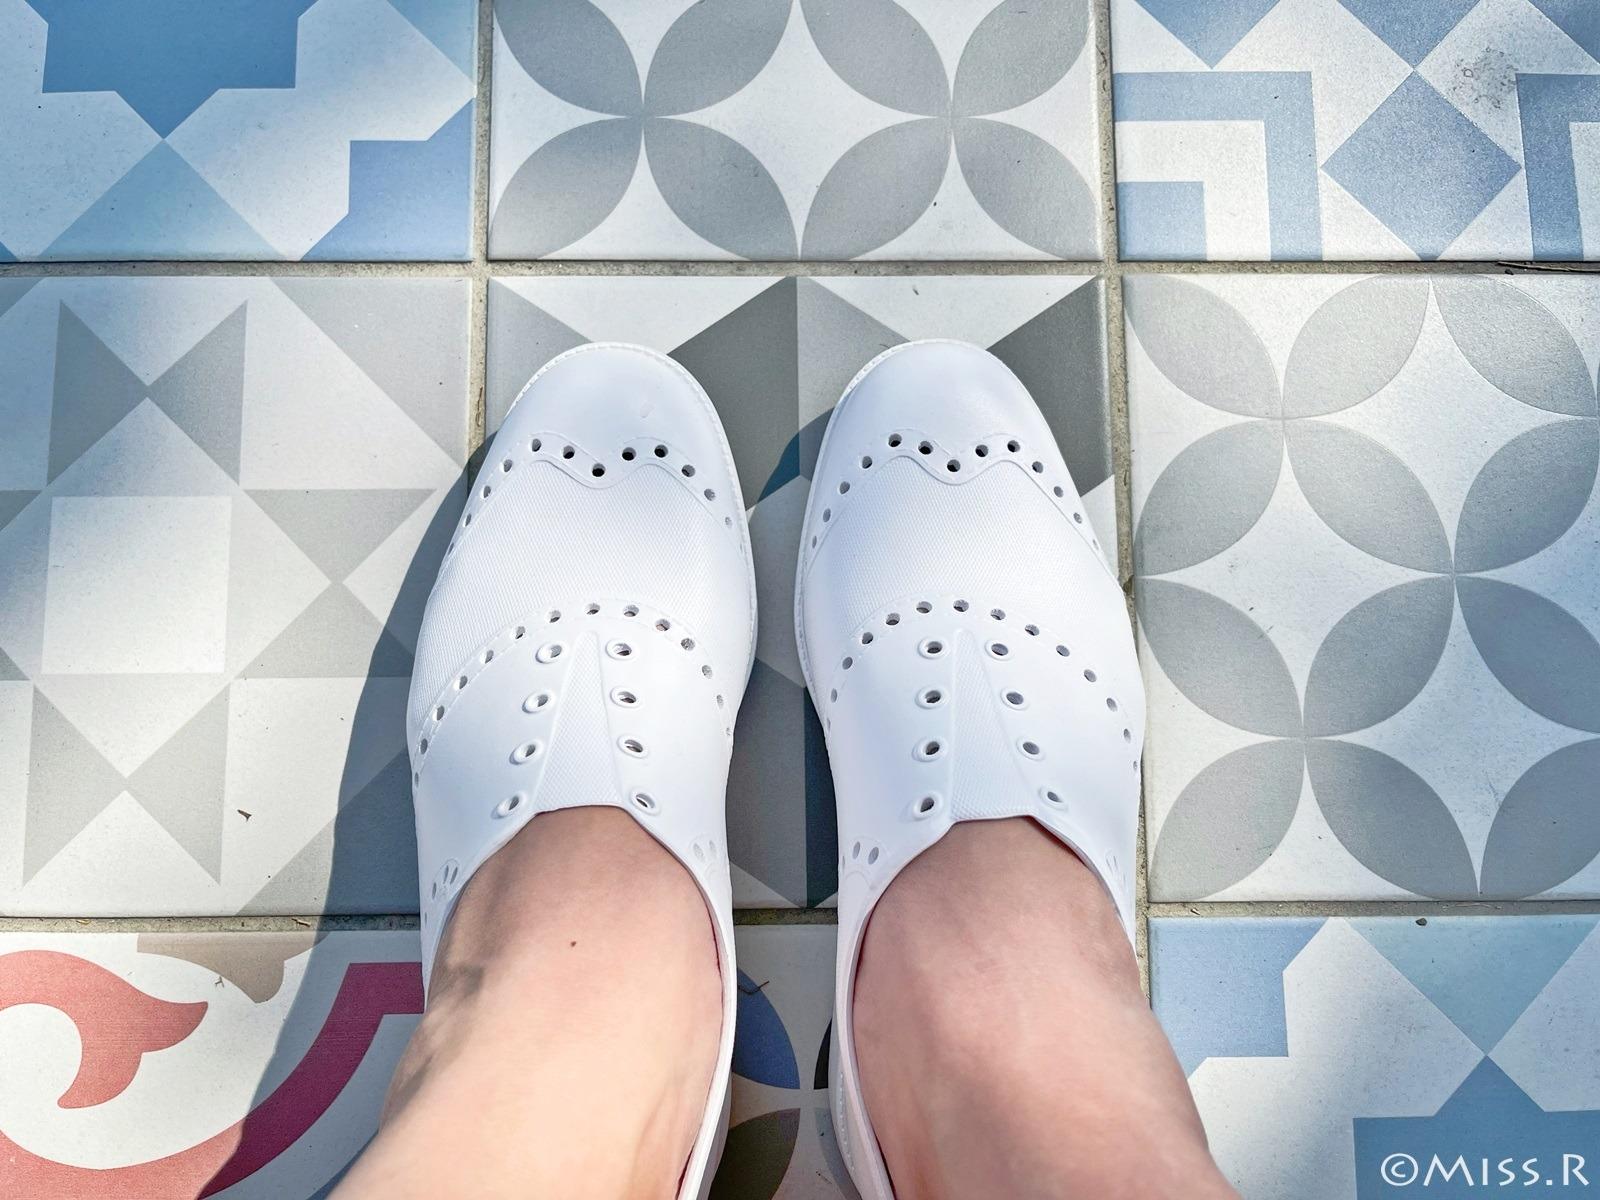 Biion親水特務鞋,Biion,親水特務鞋,加拿大Biion,DC超級英雄,一雙抵五雙,友善動物,孕婦鞋,牛津鞋,休閒鞋推薦,嘖嘖集資